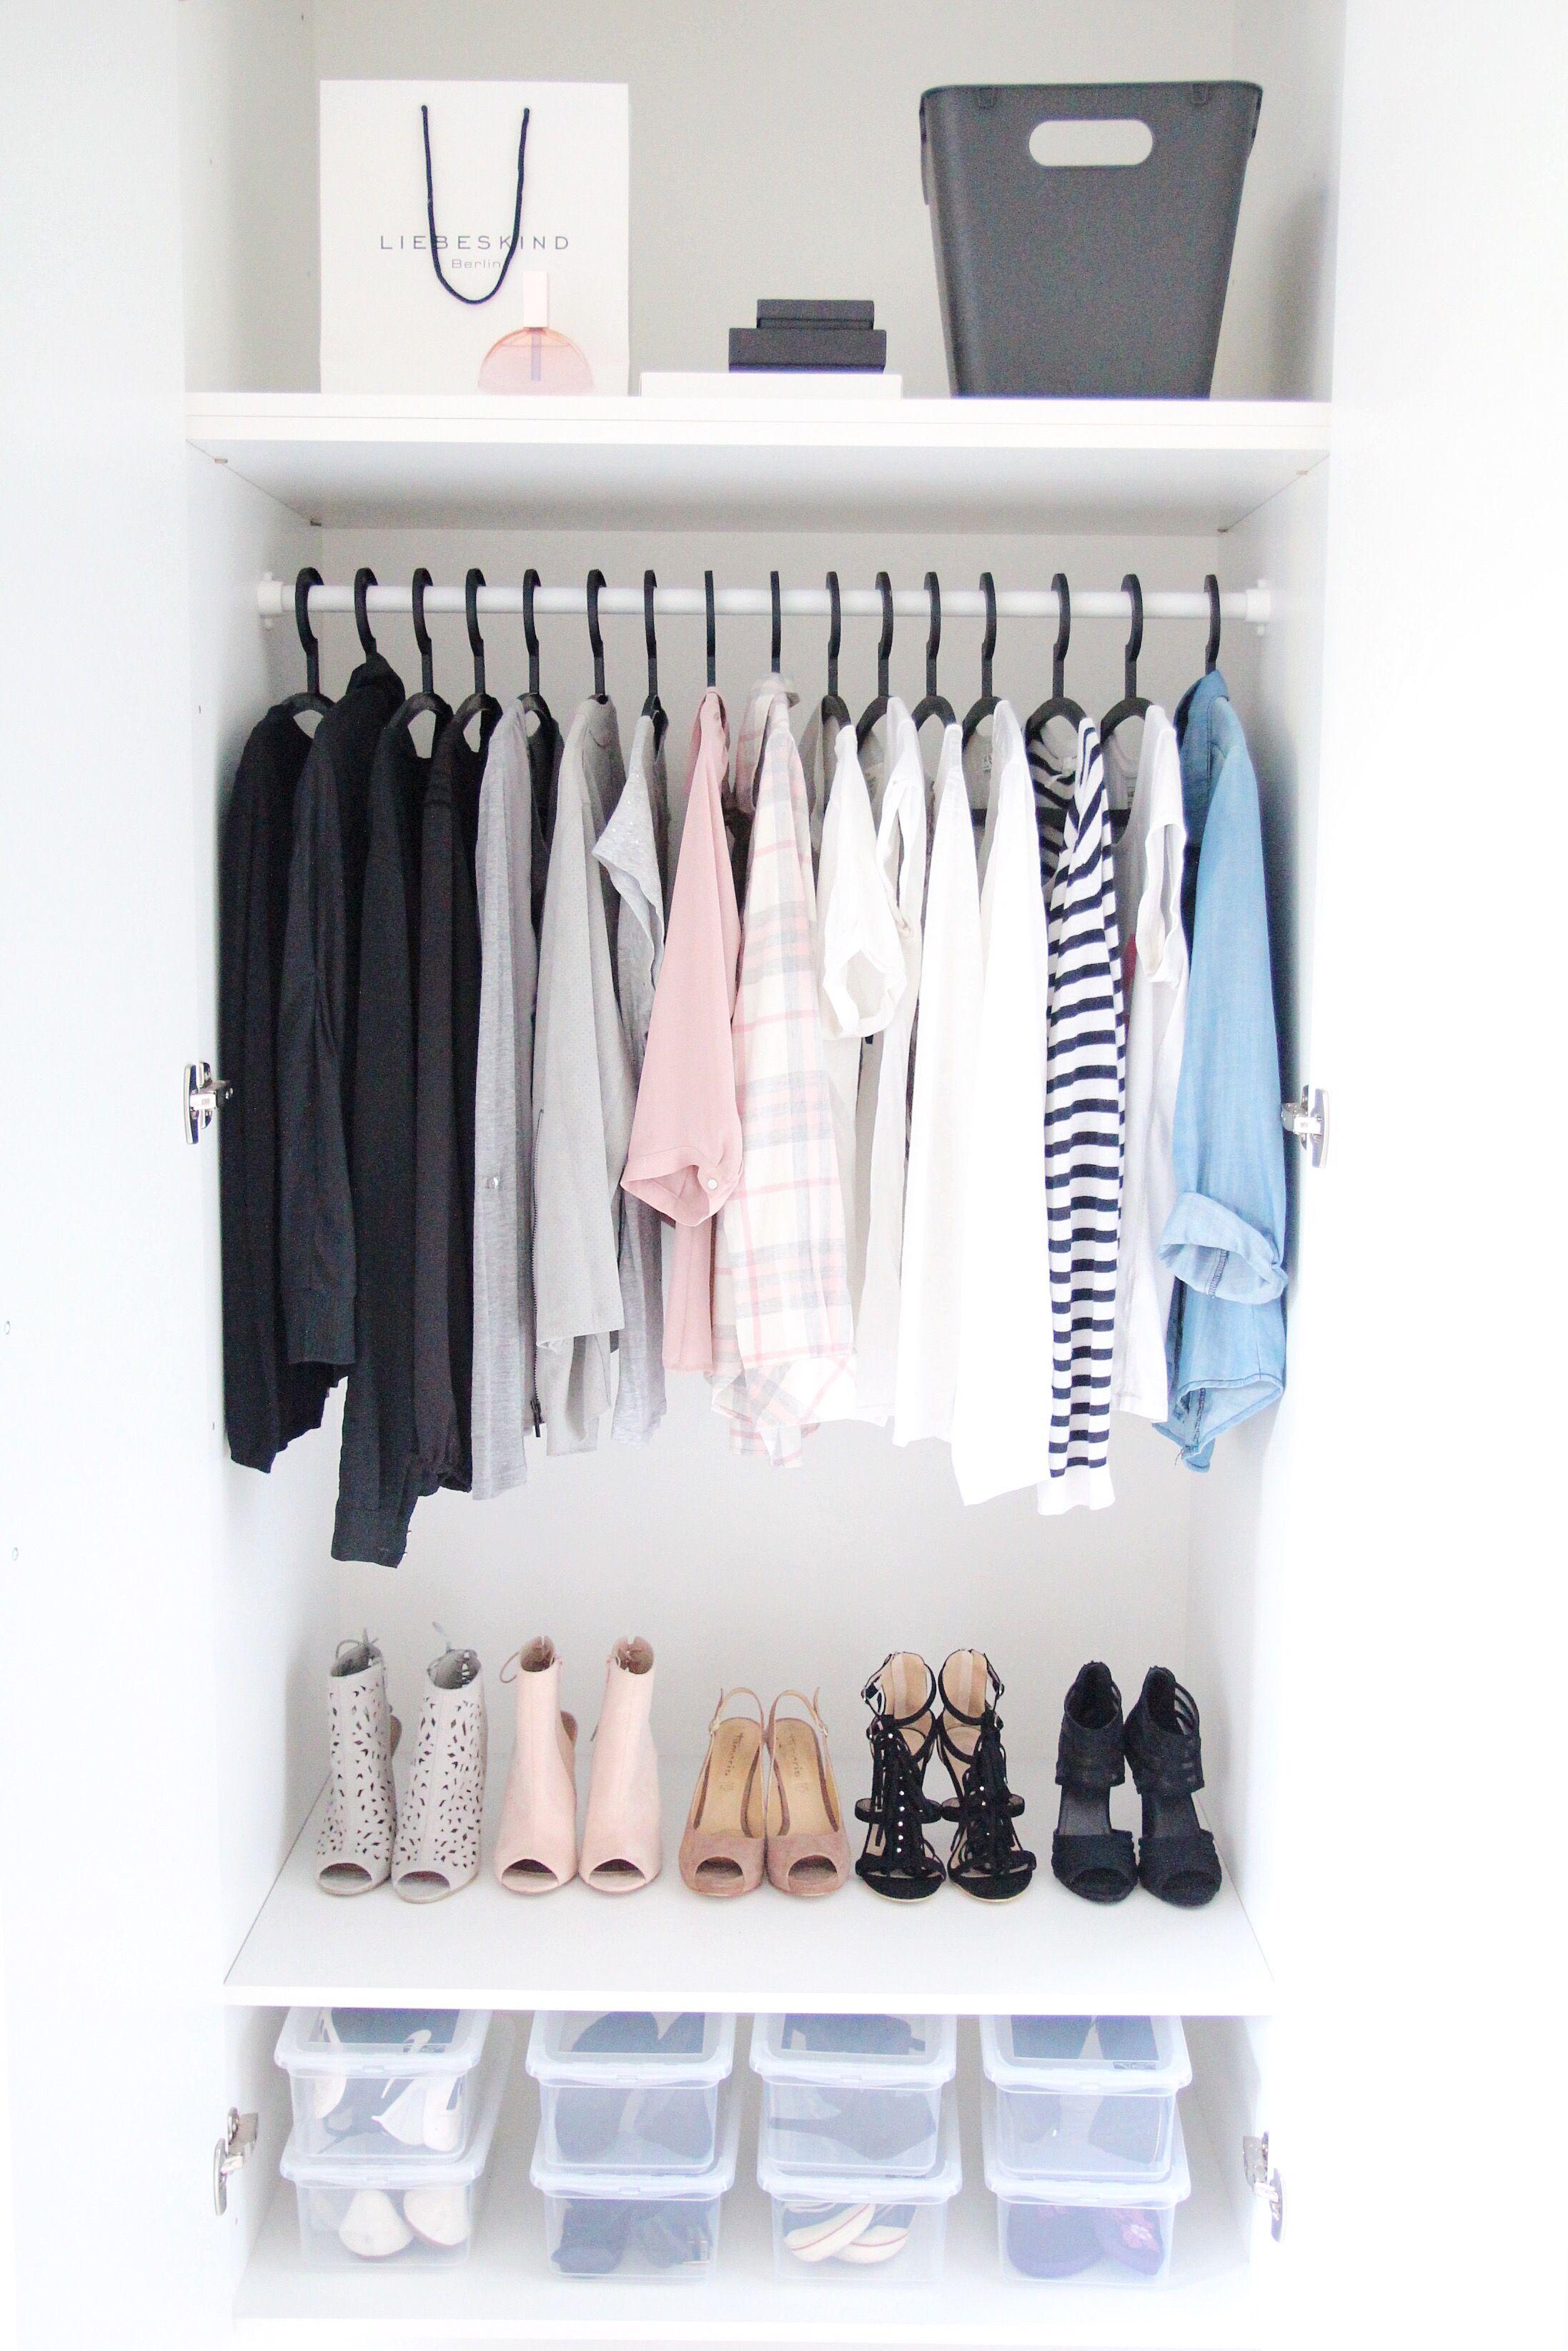 ordnung im kleiderschrank 5 tipps f r mehr ordnung clothes pinterest kleiderschrank. Black Bedroom Furniture Sets. Home Design Ideas